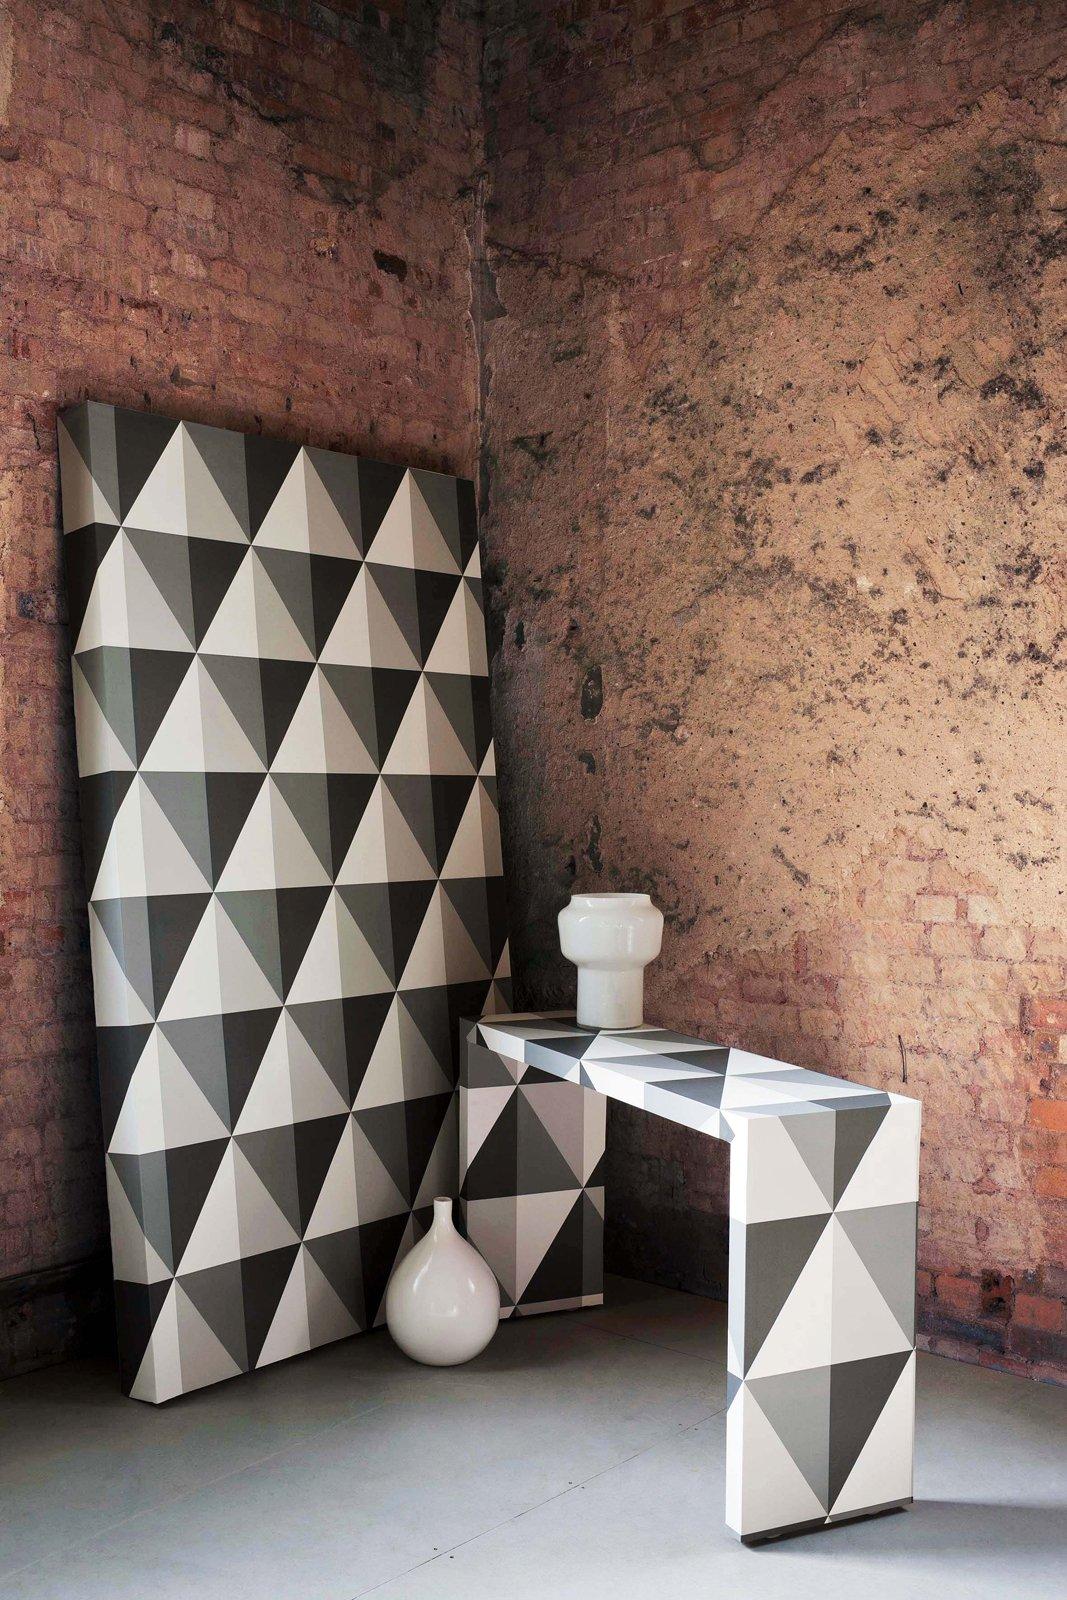 La carta da parati per trasformare le pareti di casa for Carta parati tridimensionale